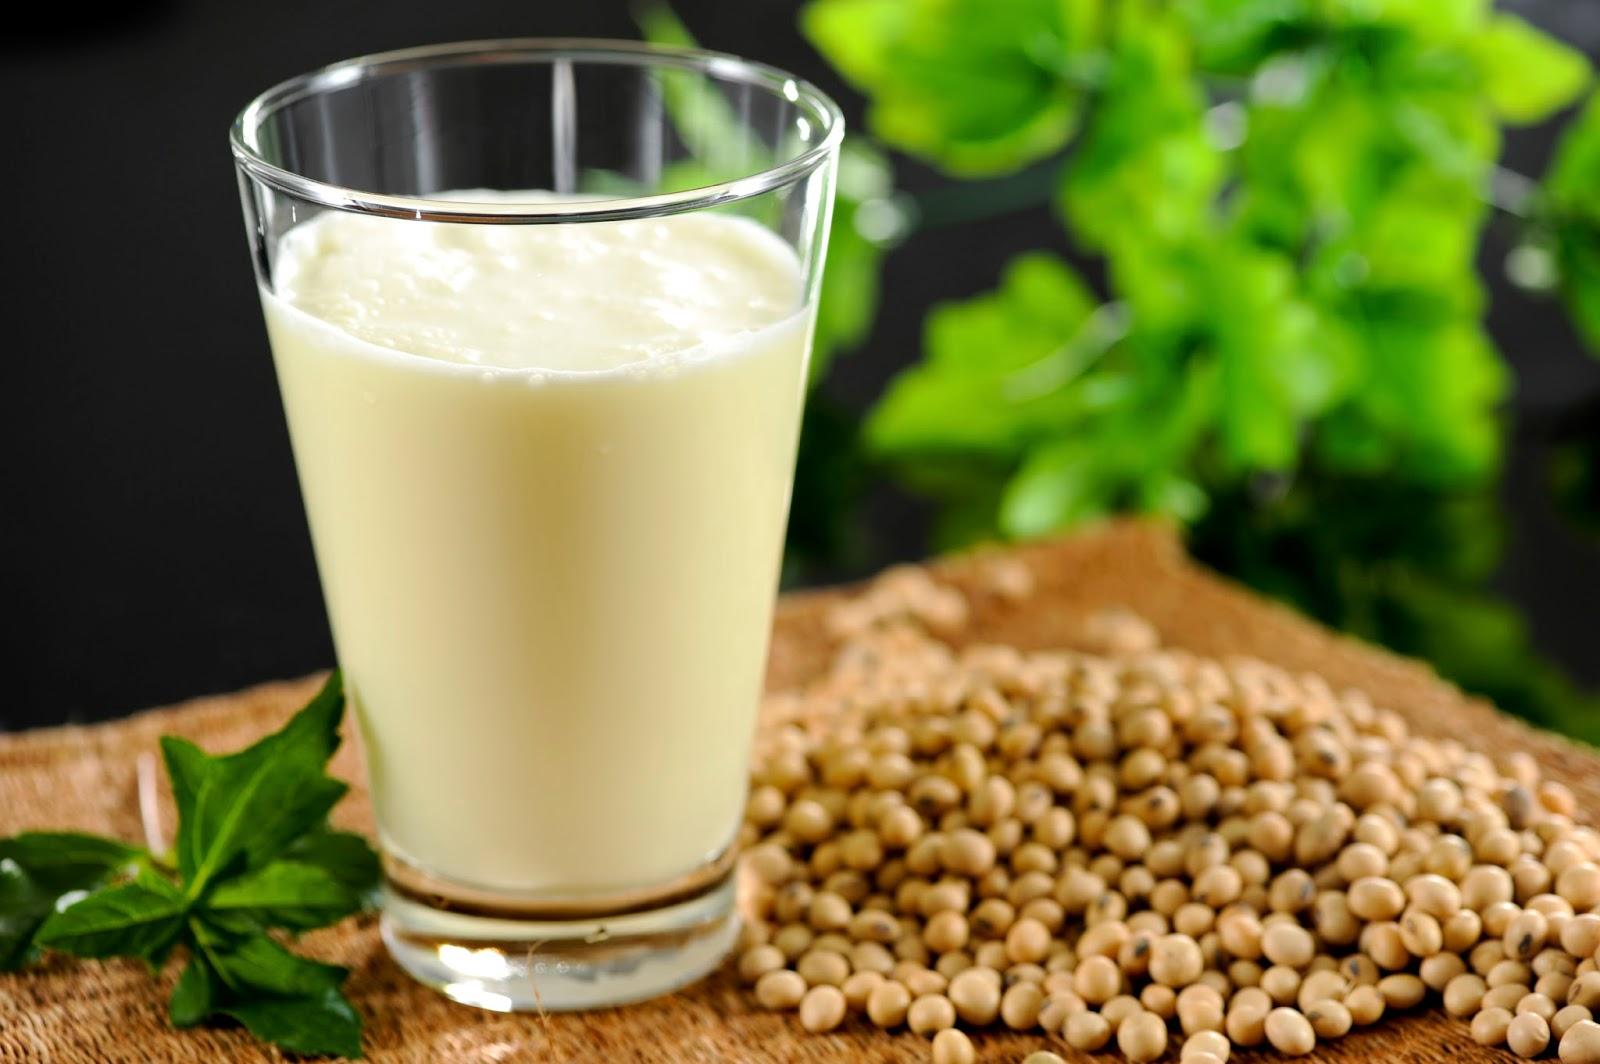 Bà bầu uống sữa đậu nành như thế nào mới tốt?